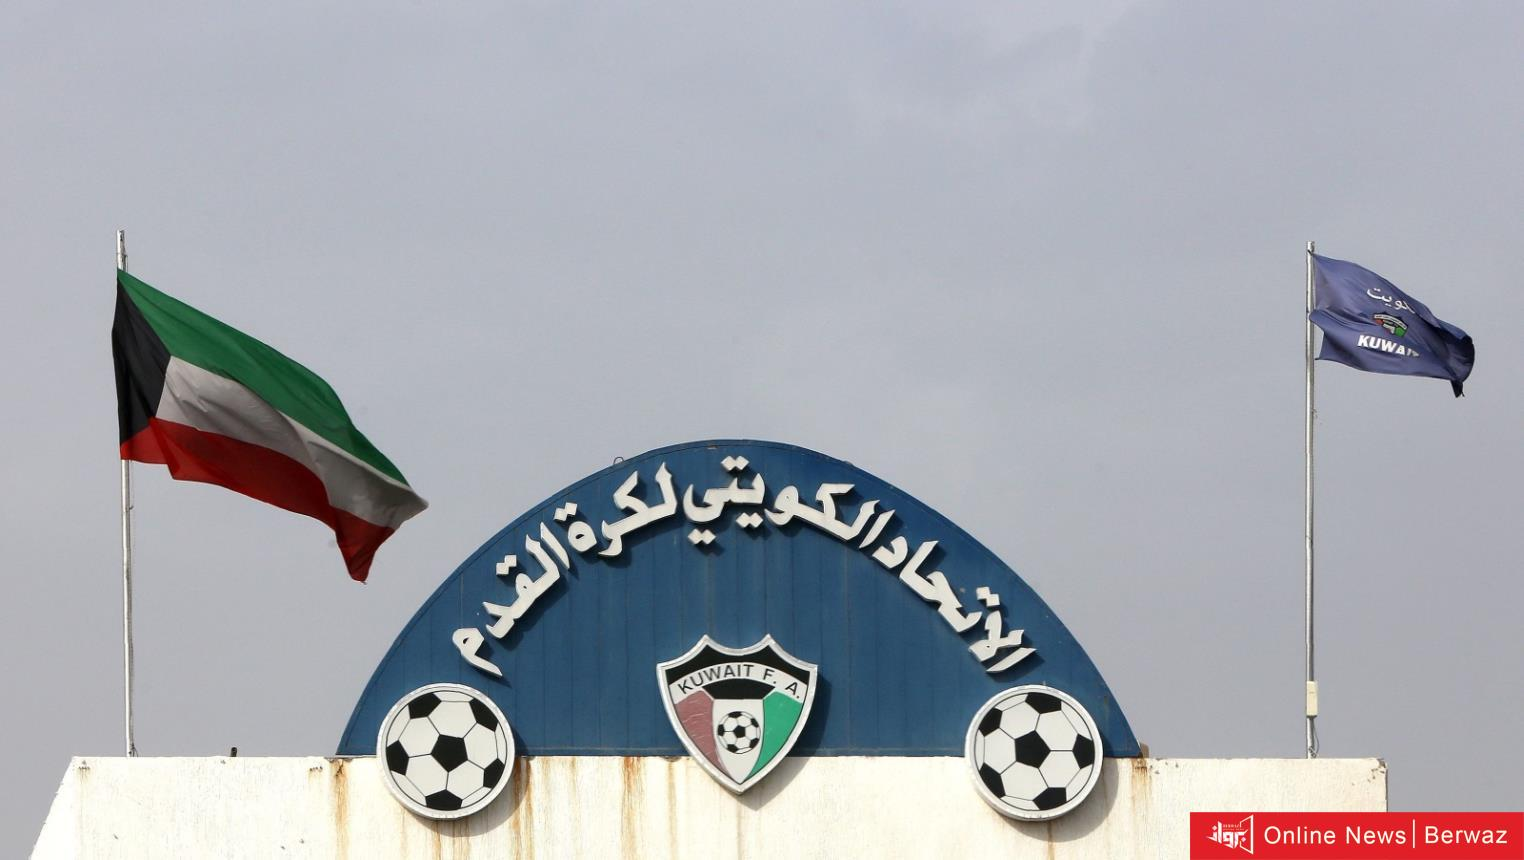 860 1 - رسميا ...إيقاف النشاط الكروي في الكويت لأسبوعين